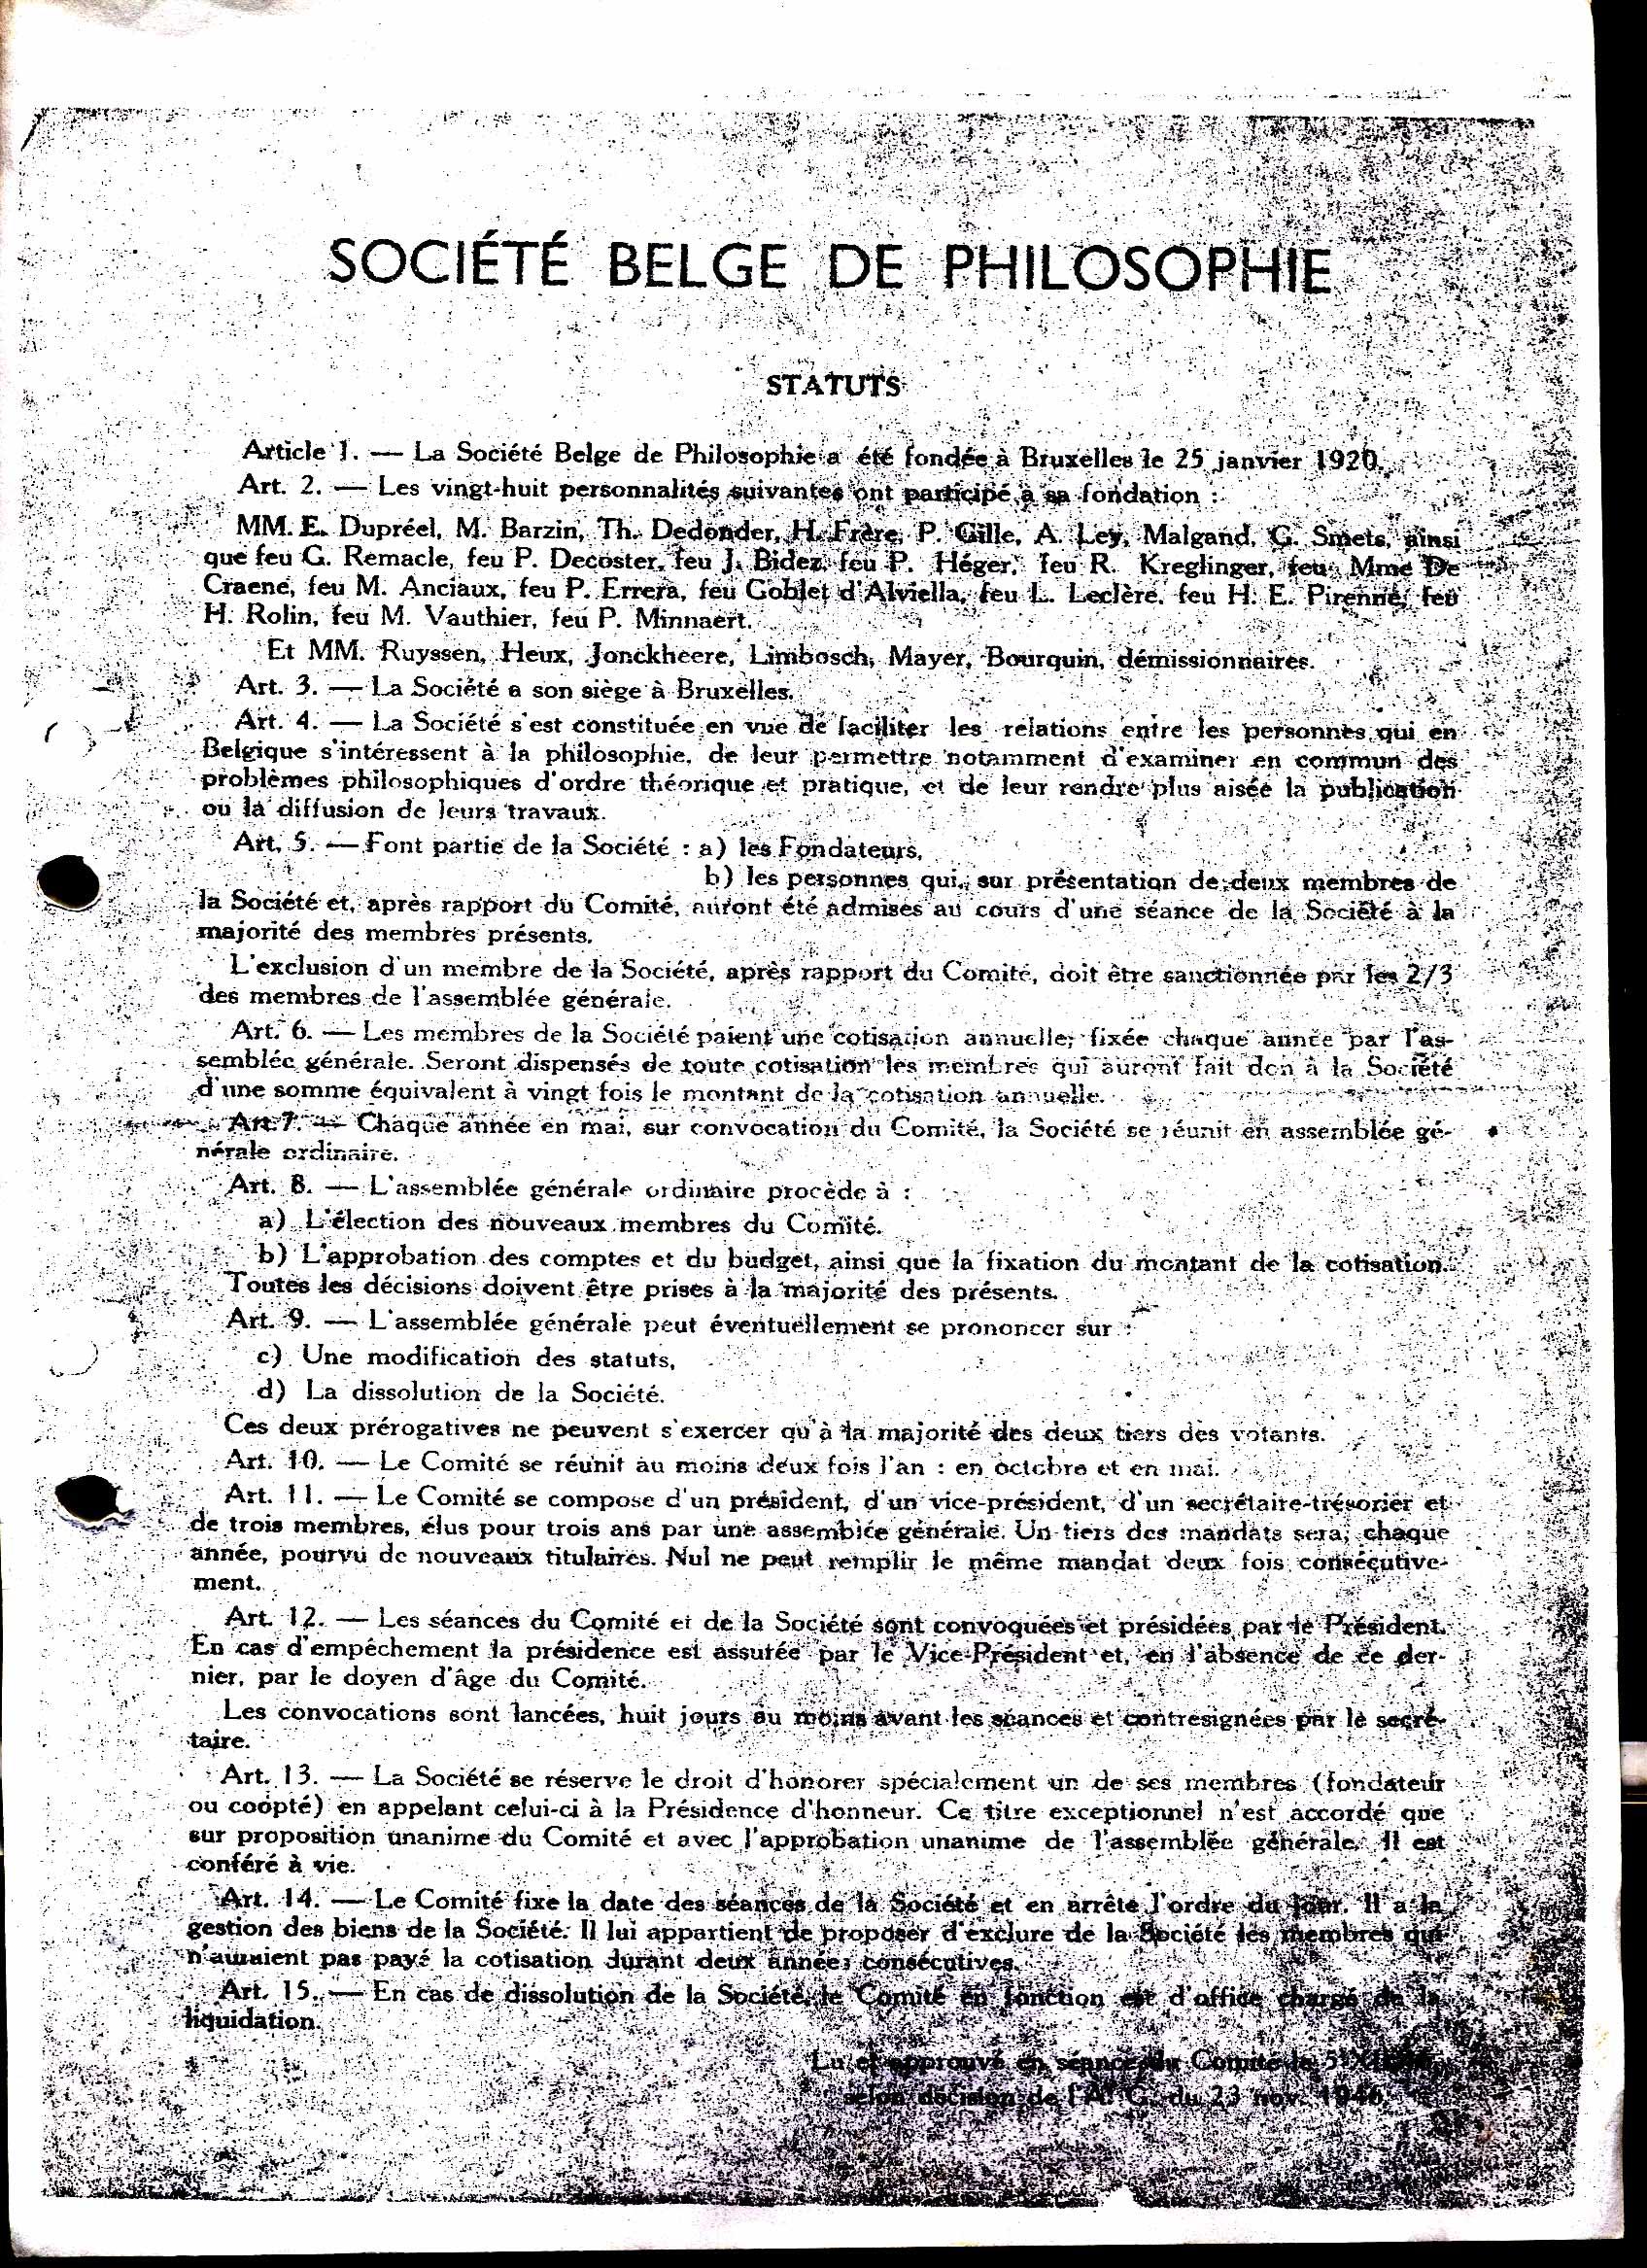 Statuts de la Société belge de philosophie (1946)